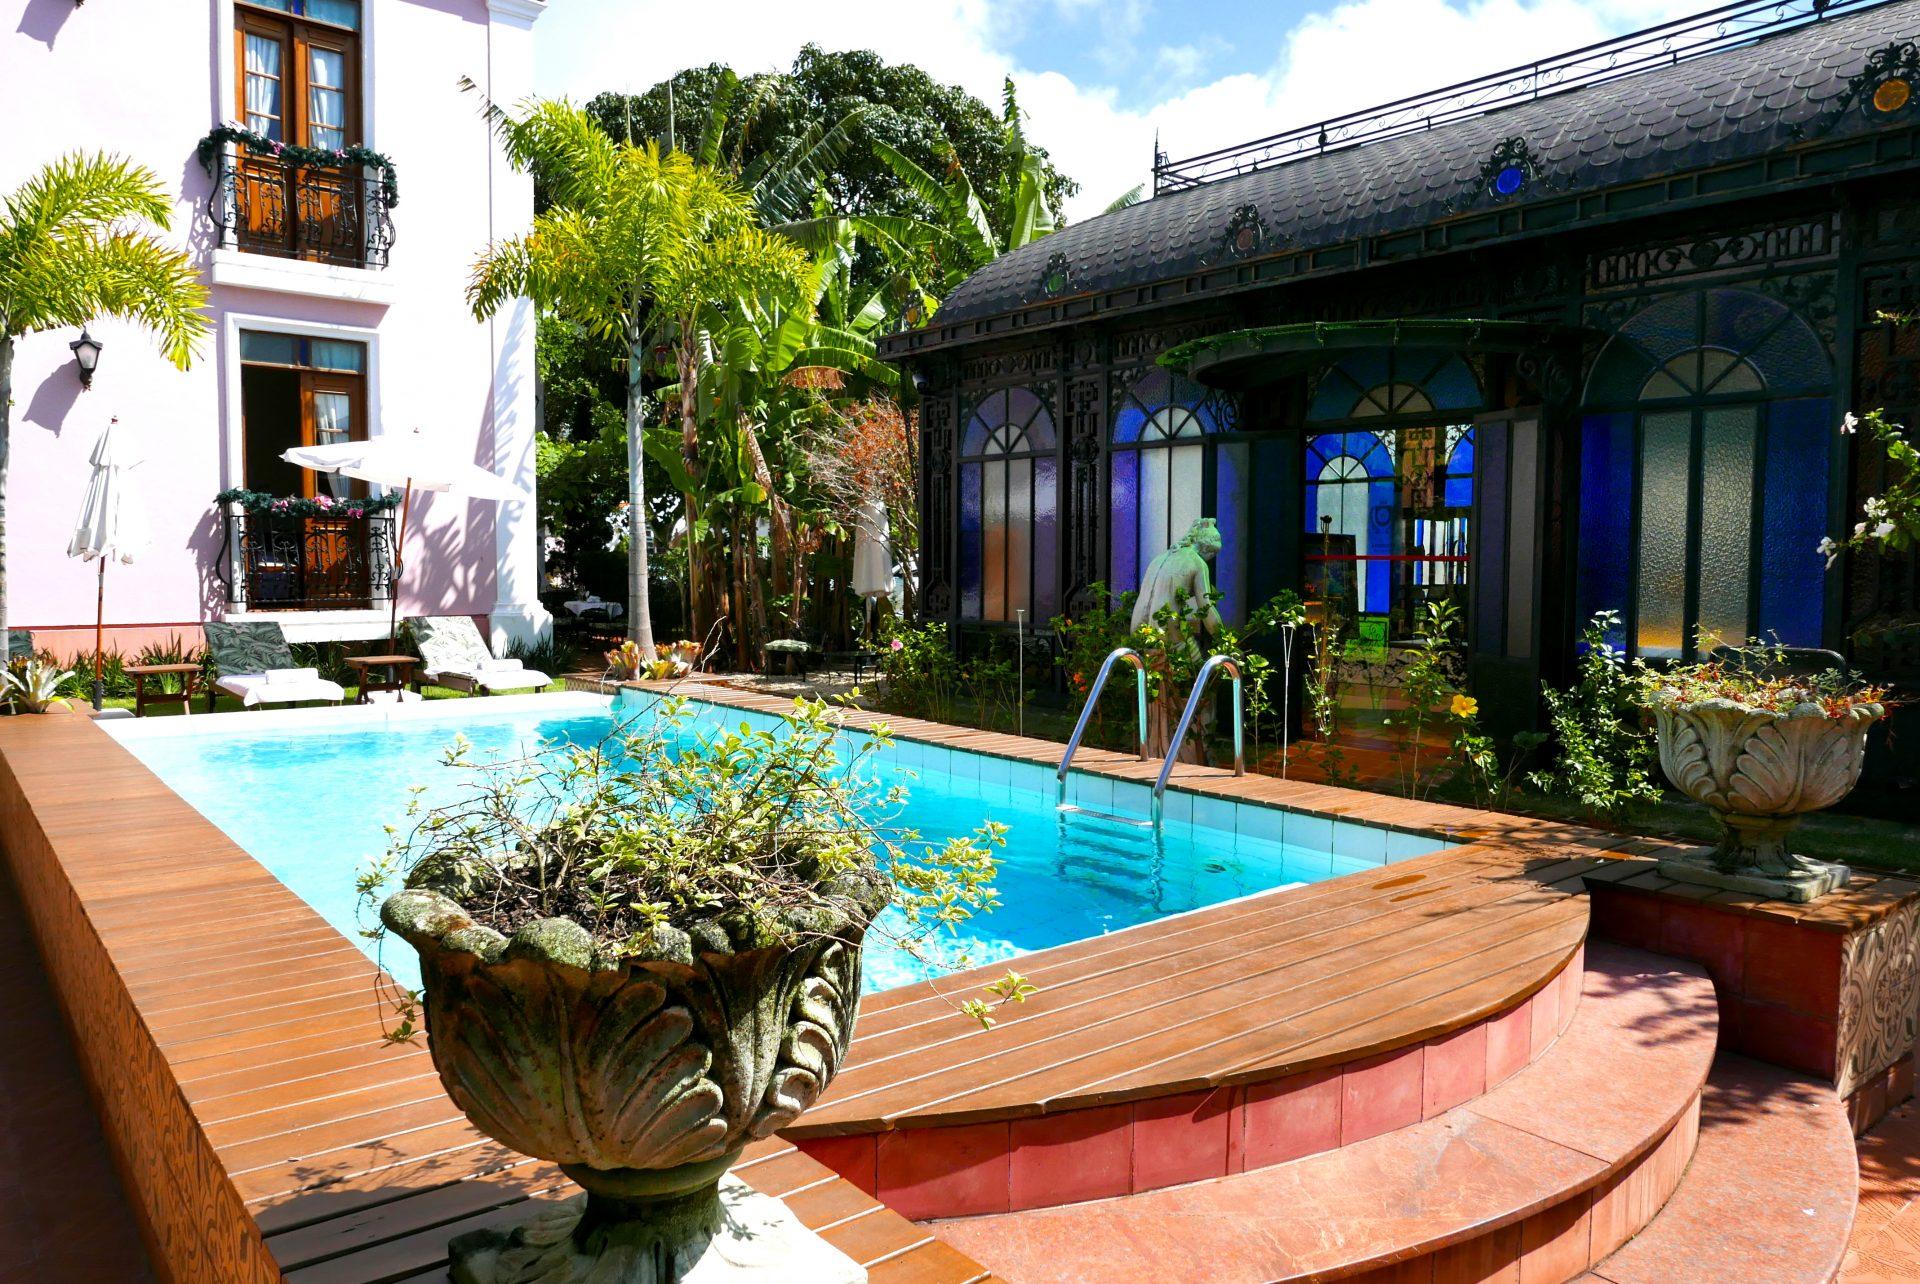 Também na piscina a decoração remete às quintas portuguesas do século 19